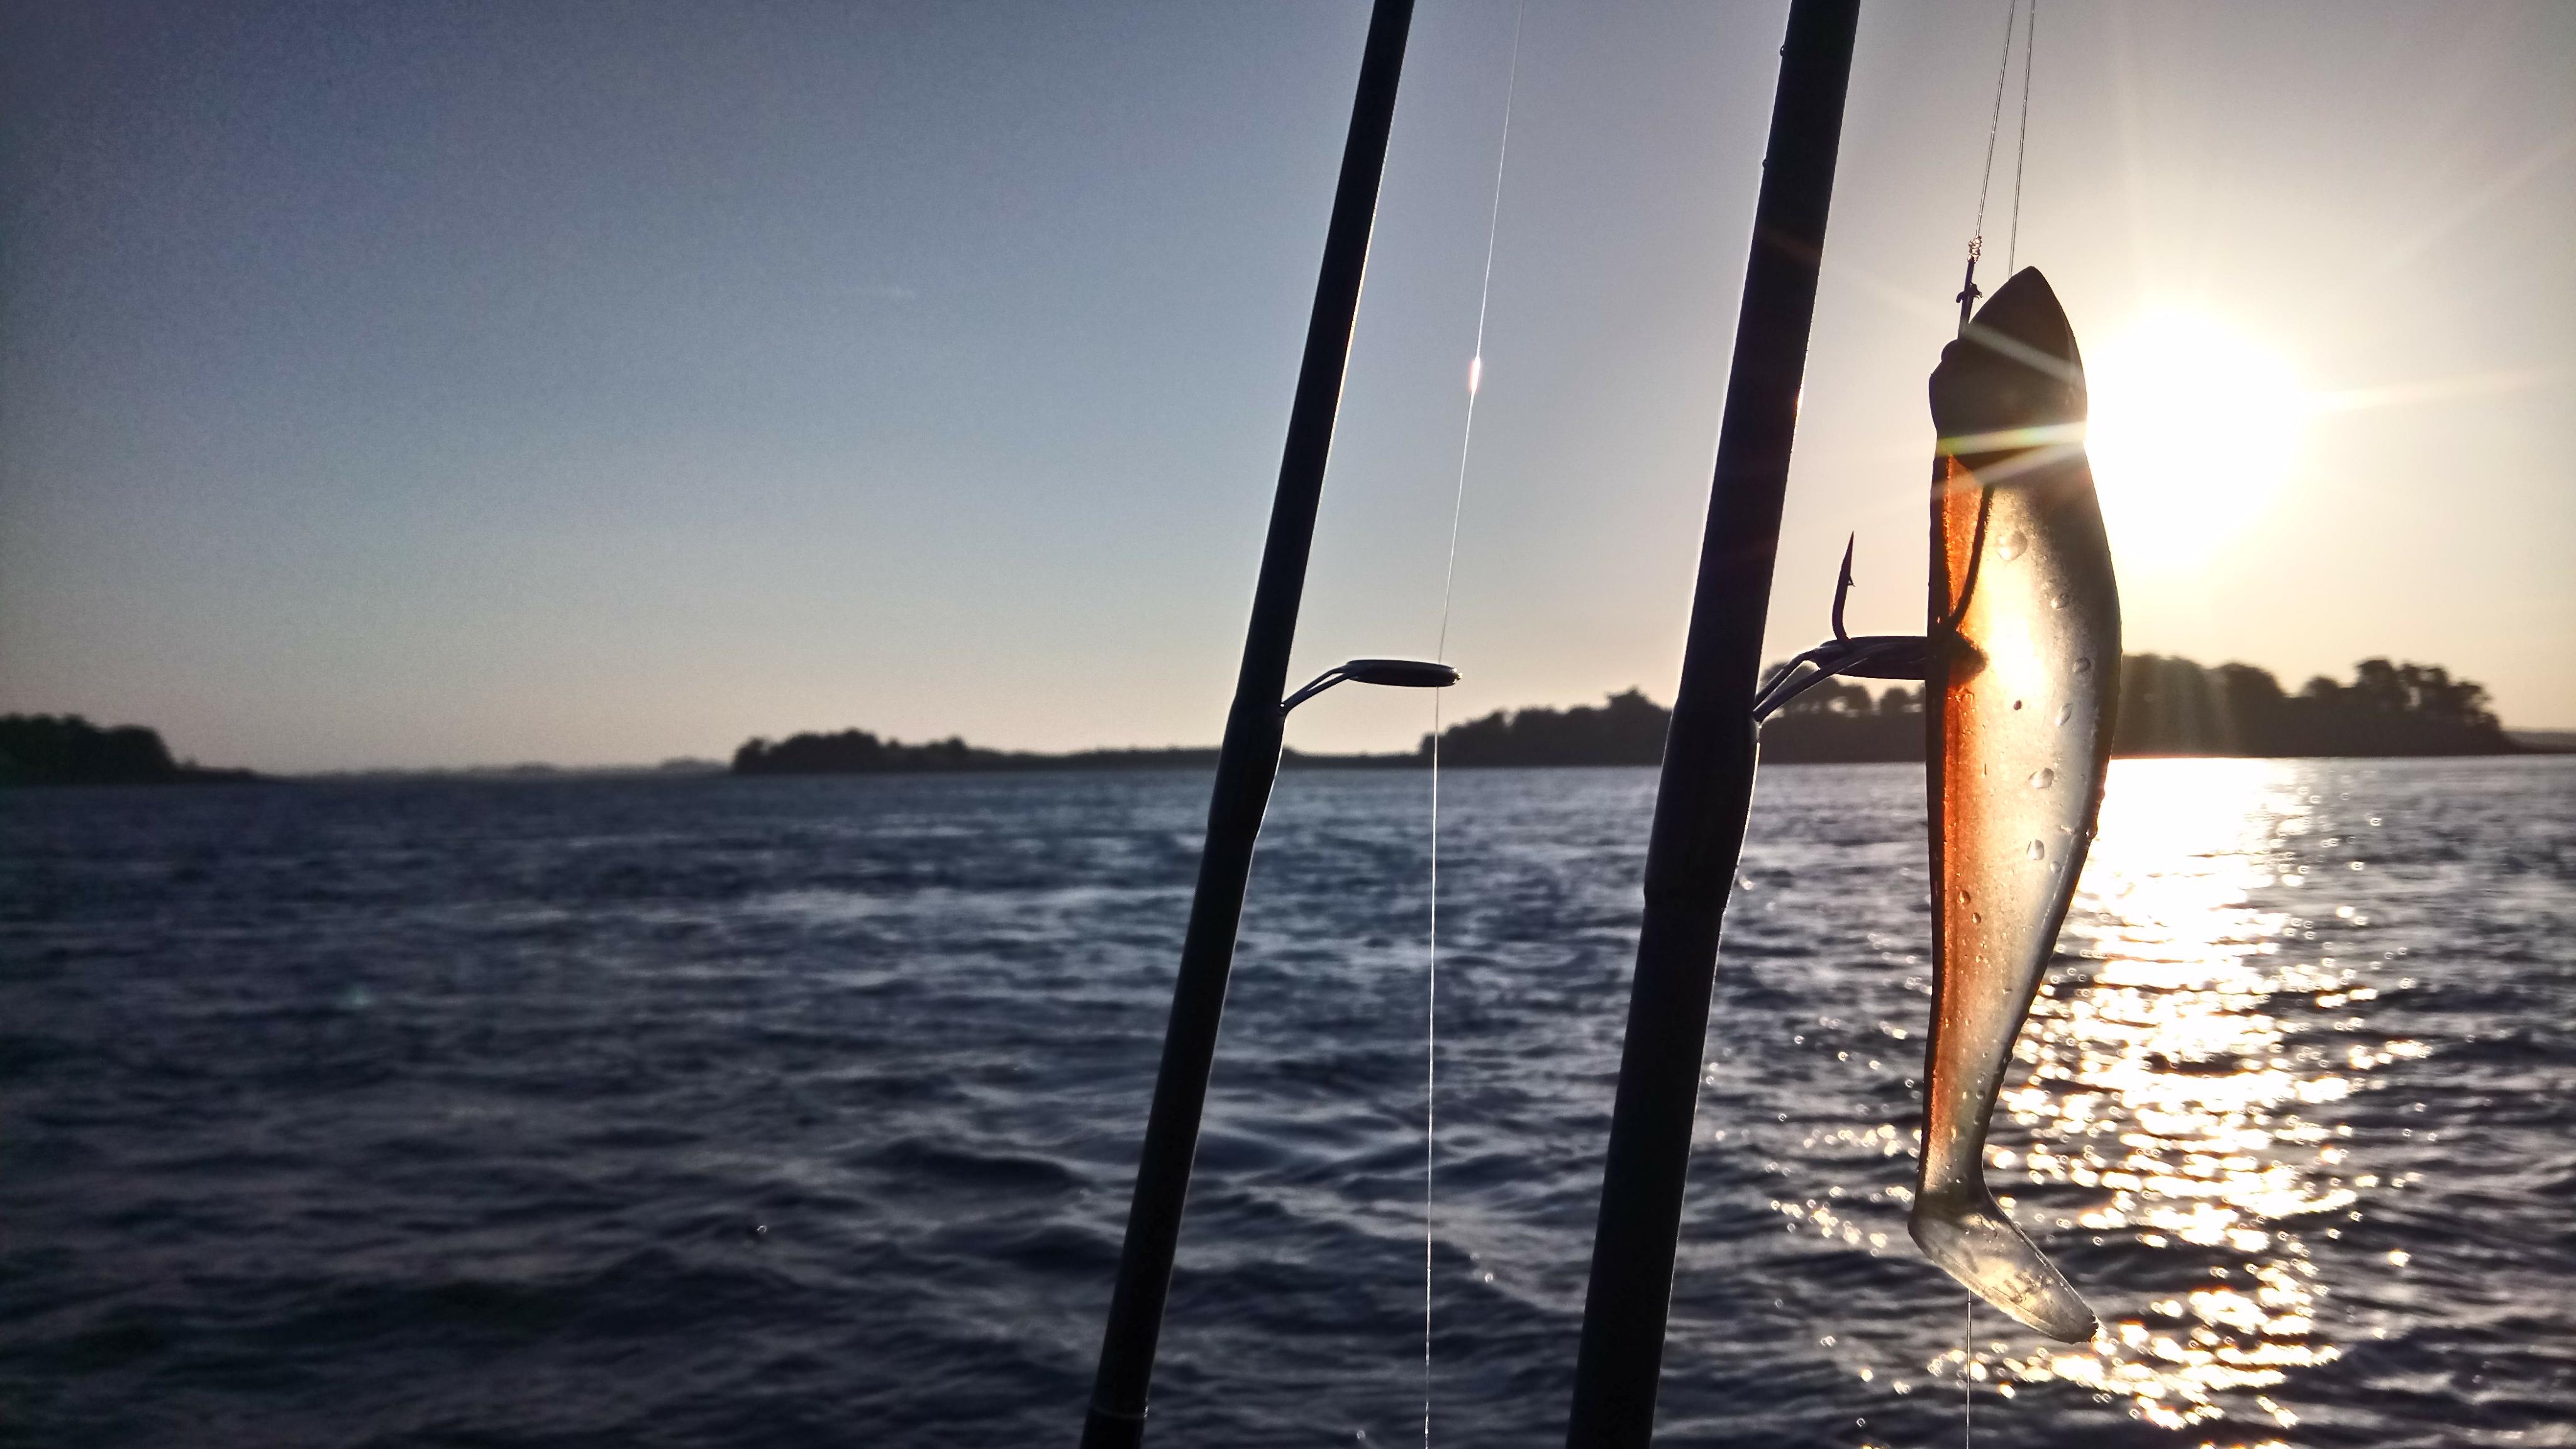 Mickaël RIO- Moniteur- Guide de pêche Golfe du Morbihan- Sortie pêche en mer en bateau au départ du port du Logeo à Sarzeau- Guide de pêche Morbihan- pêche au bar Morbihan- Sortie pêche en mer à Sarzeau, Presqu'îles de Rhuys, à 5mn d'Arzon et 20mn de Vannes